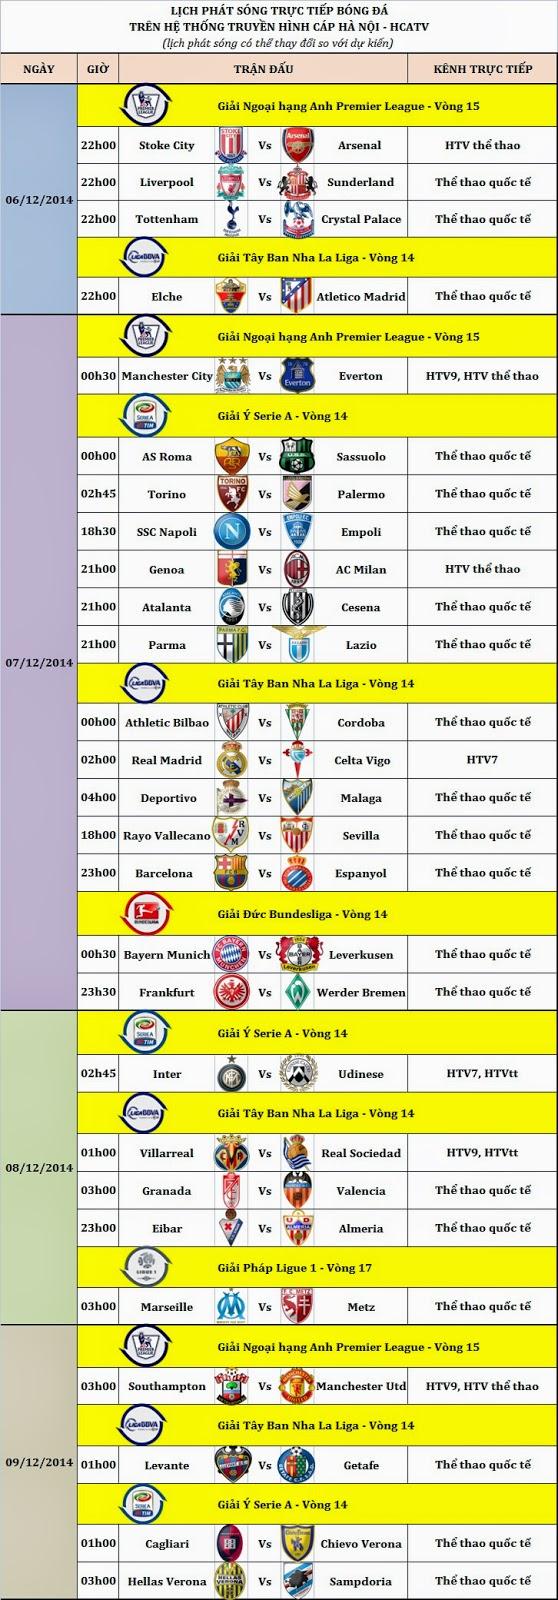 Lịch phát sóng trực tiếp từ ngày 6/12-9/12 trên hệ thống HCATV